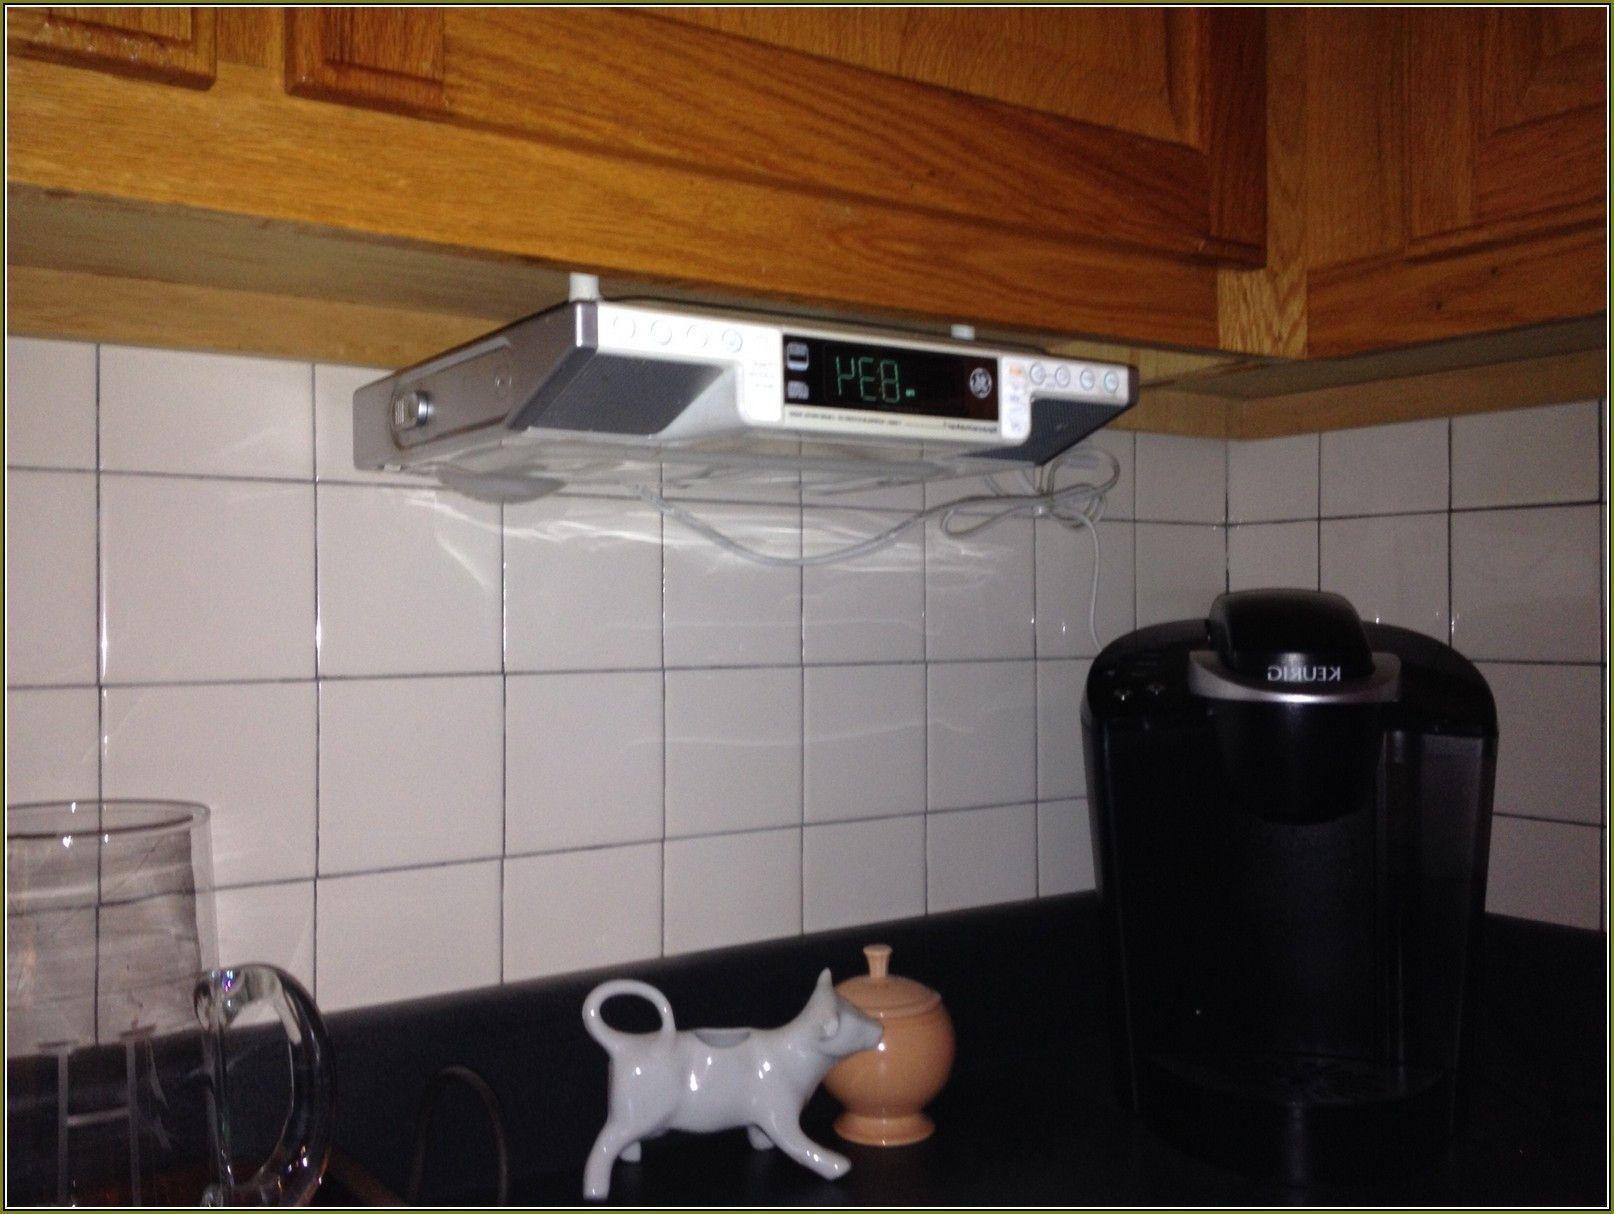 2018 Bose Kitchen Radio Under Cabinet - Kitchen Nook Lighting Ideas ...